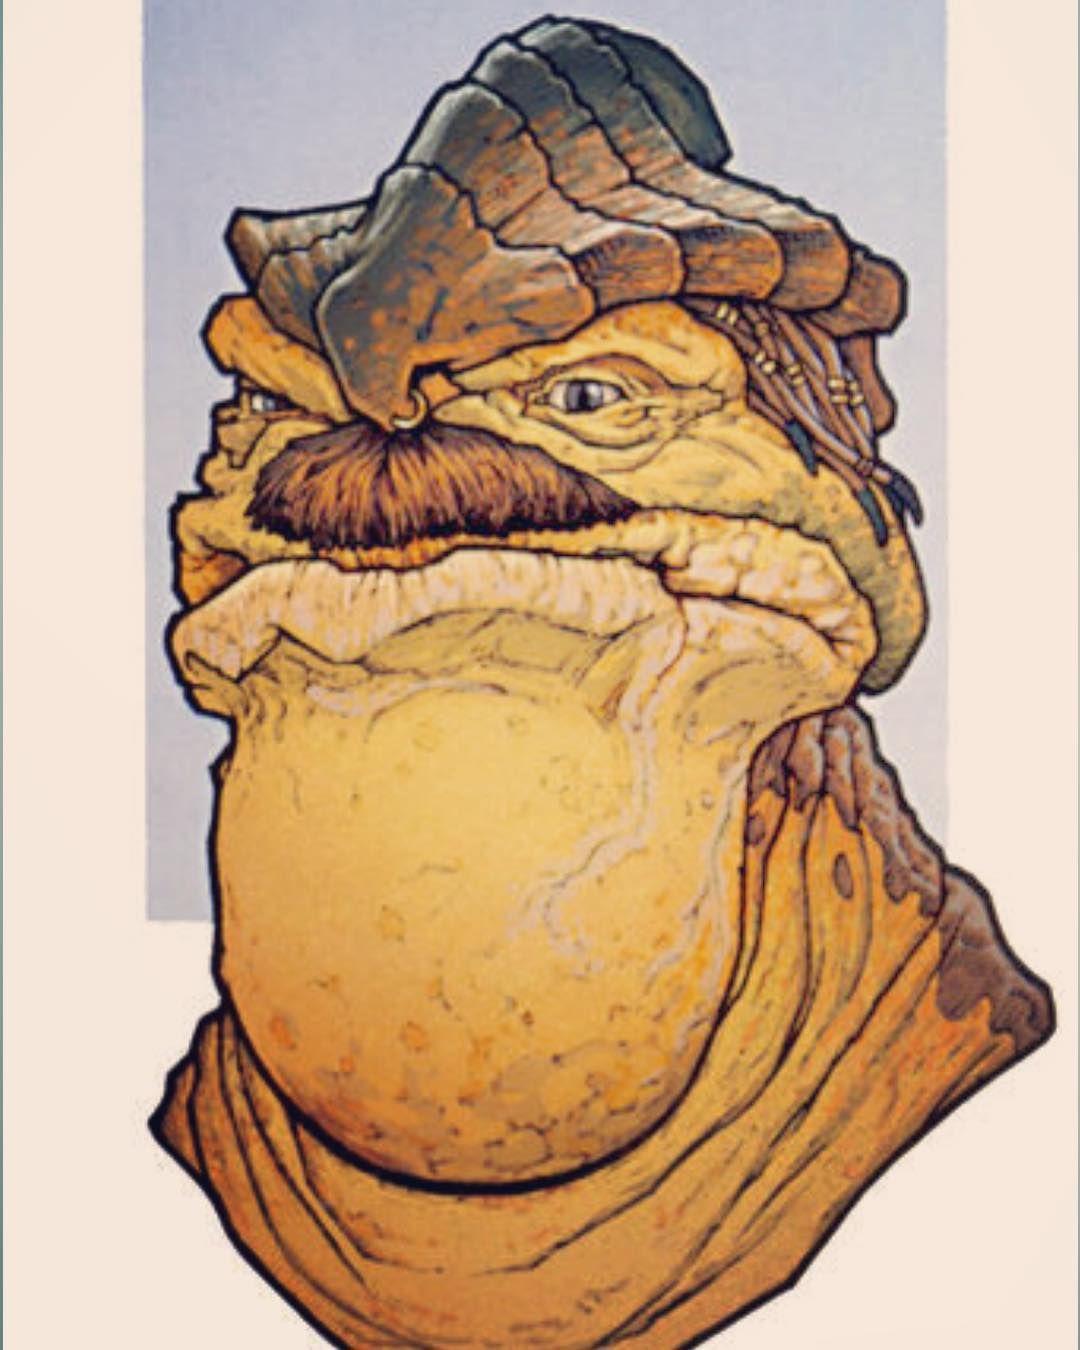 Besalisk Portrait Star Wars Comics Star Wars Rpg Colorful Backgrounds